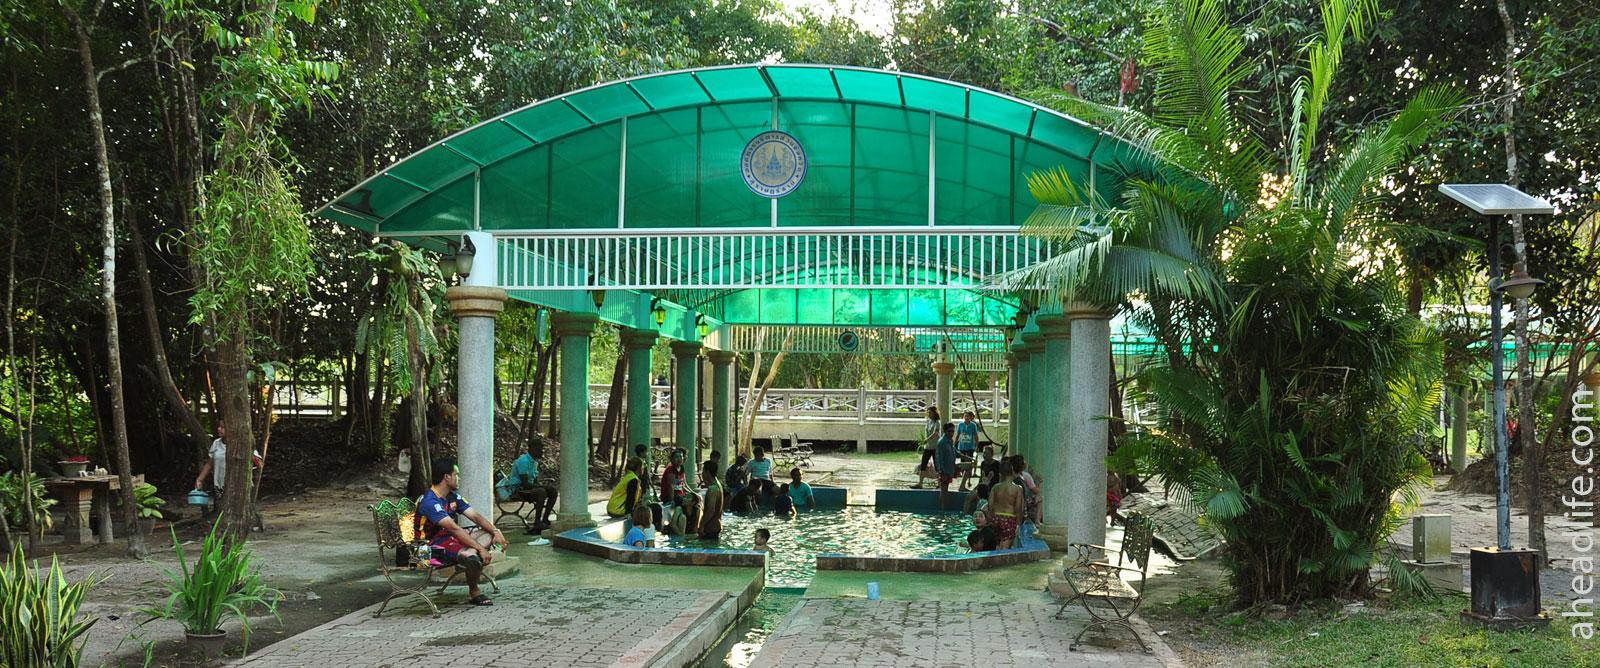 Sathan Hot spring